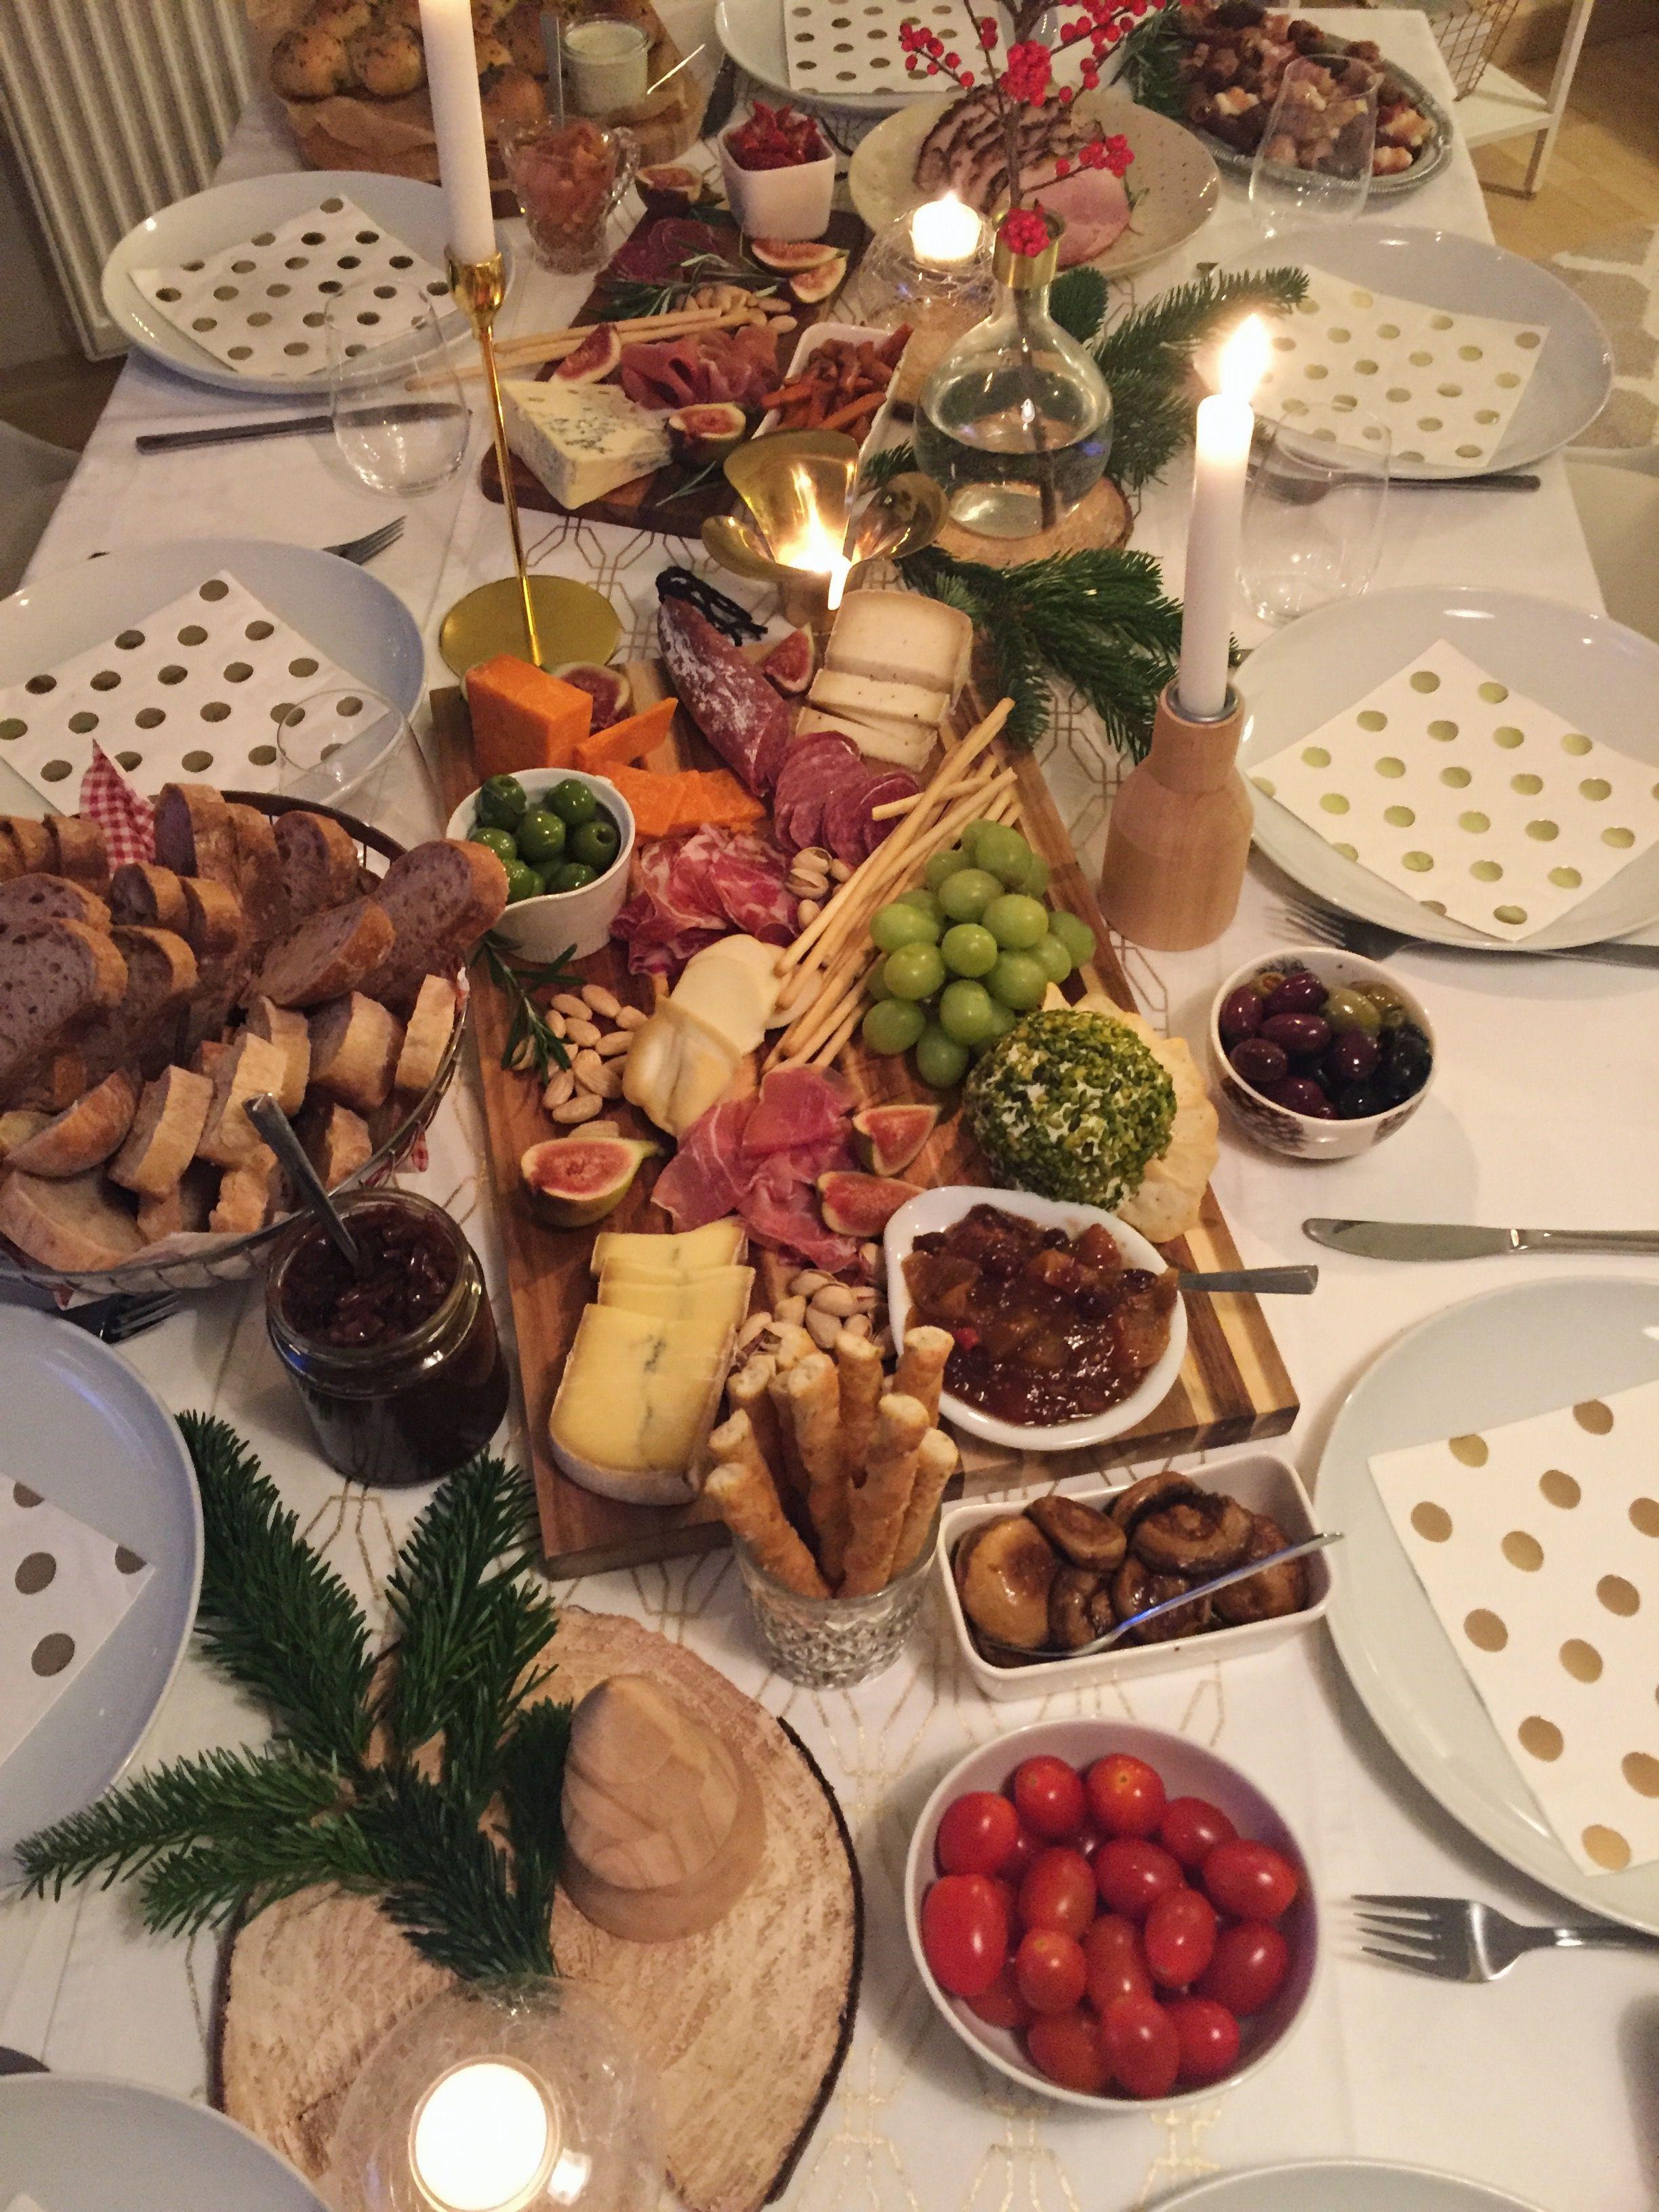 Ihr sucht noch nach raffinierten Ideen für euer Weihnachtsessen? Hier findet ihr viele Inspirationen für weihnachtliche Snacks, Appetizer und Drinks! #brunchideen